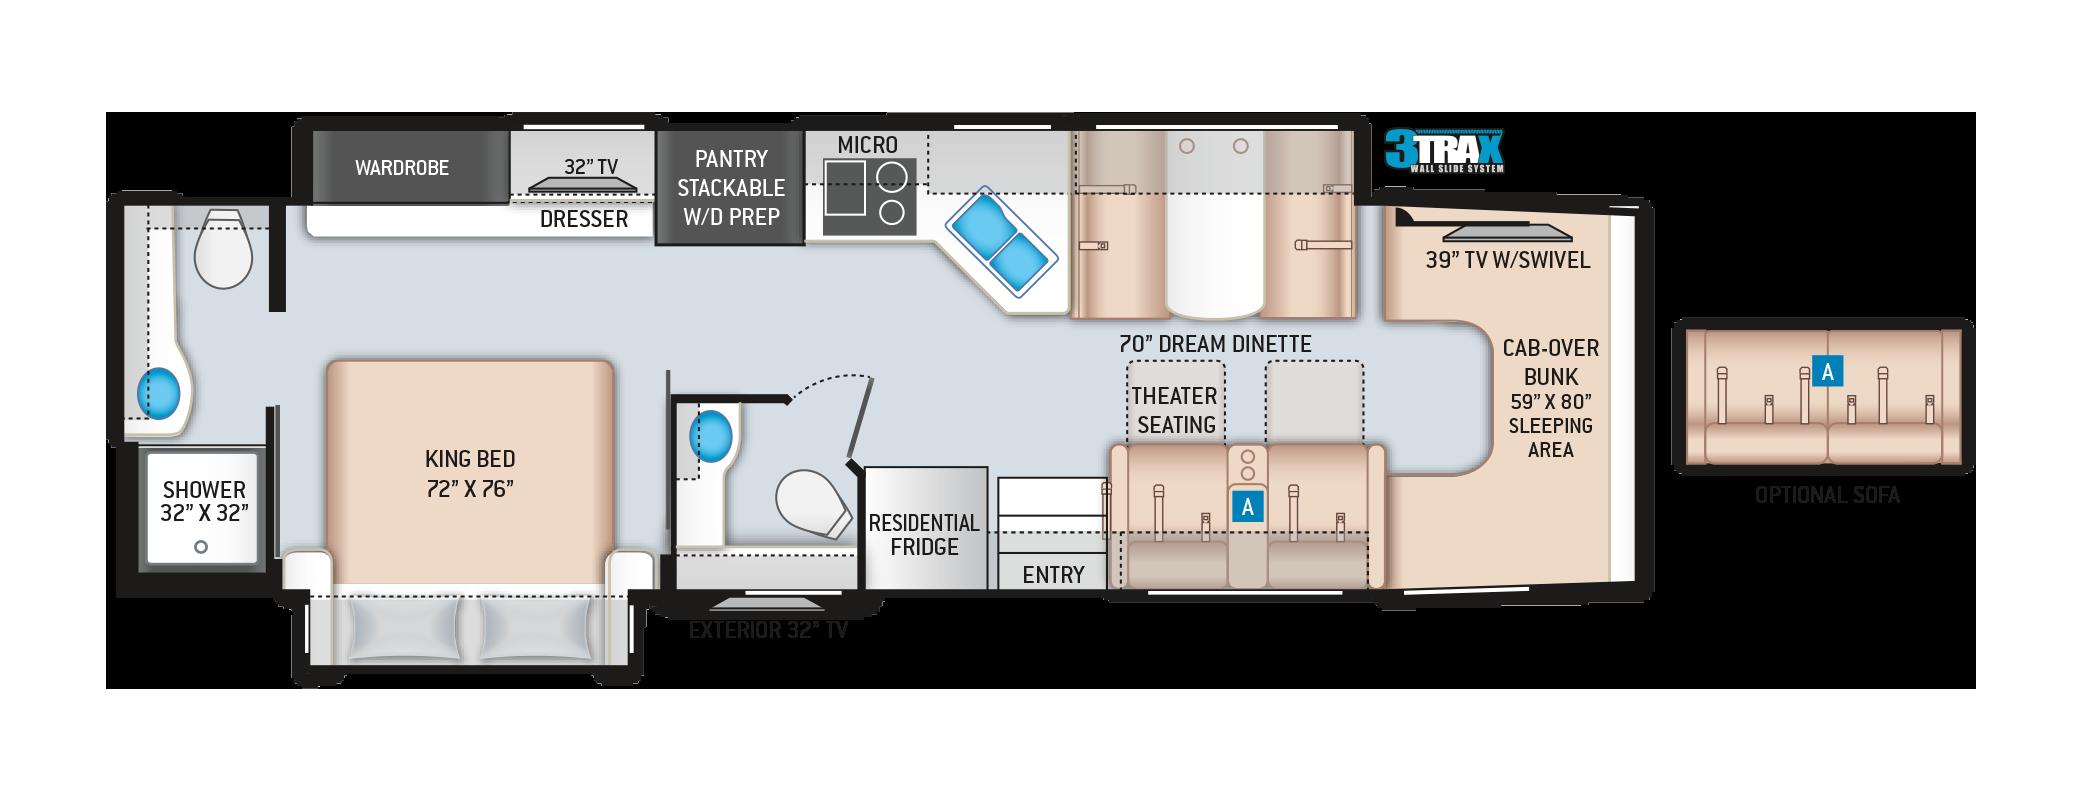 Thor Omni Super C Diesel Motorhome BT36 Floor Plan